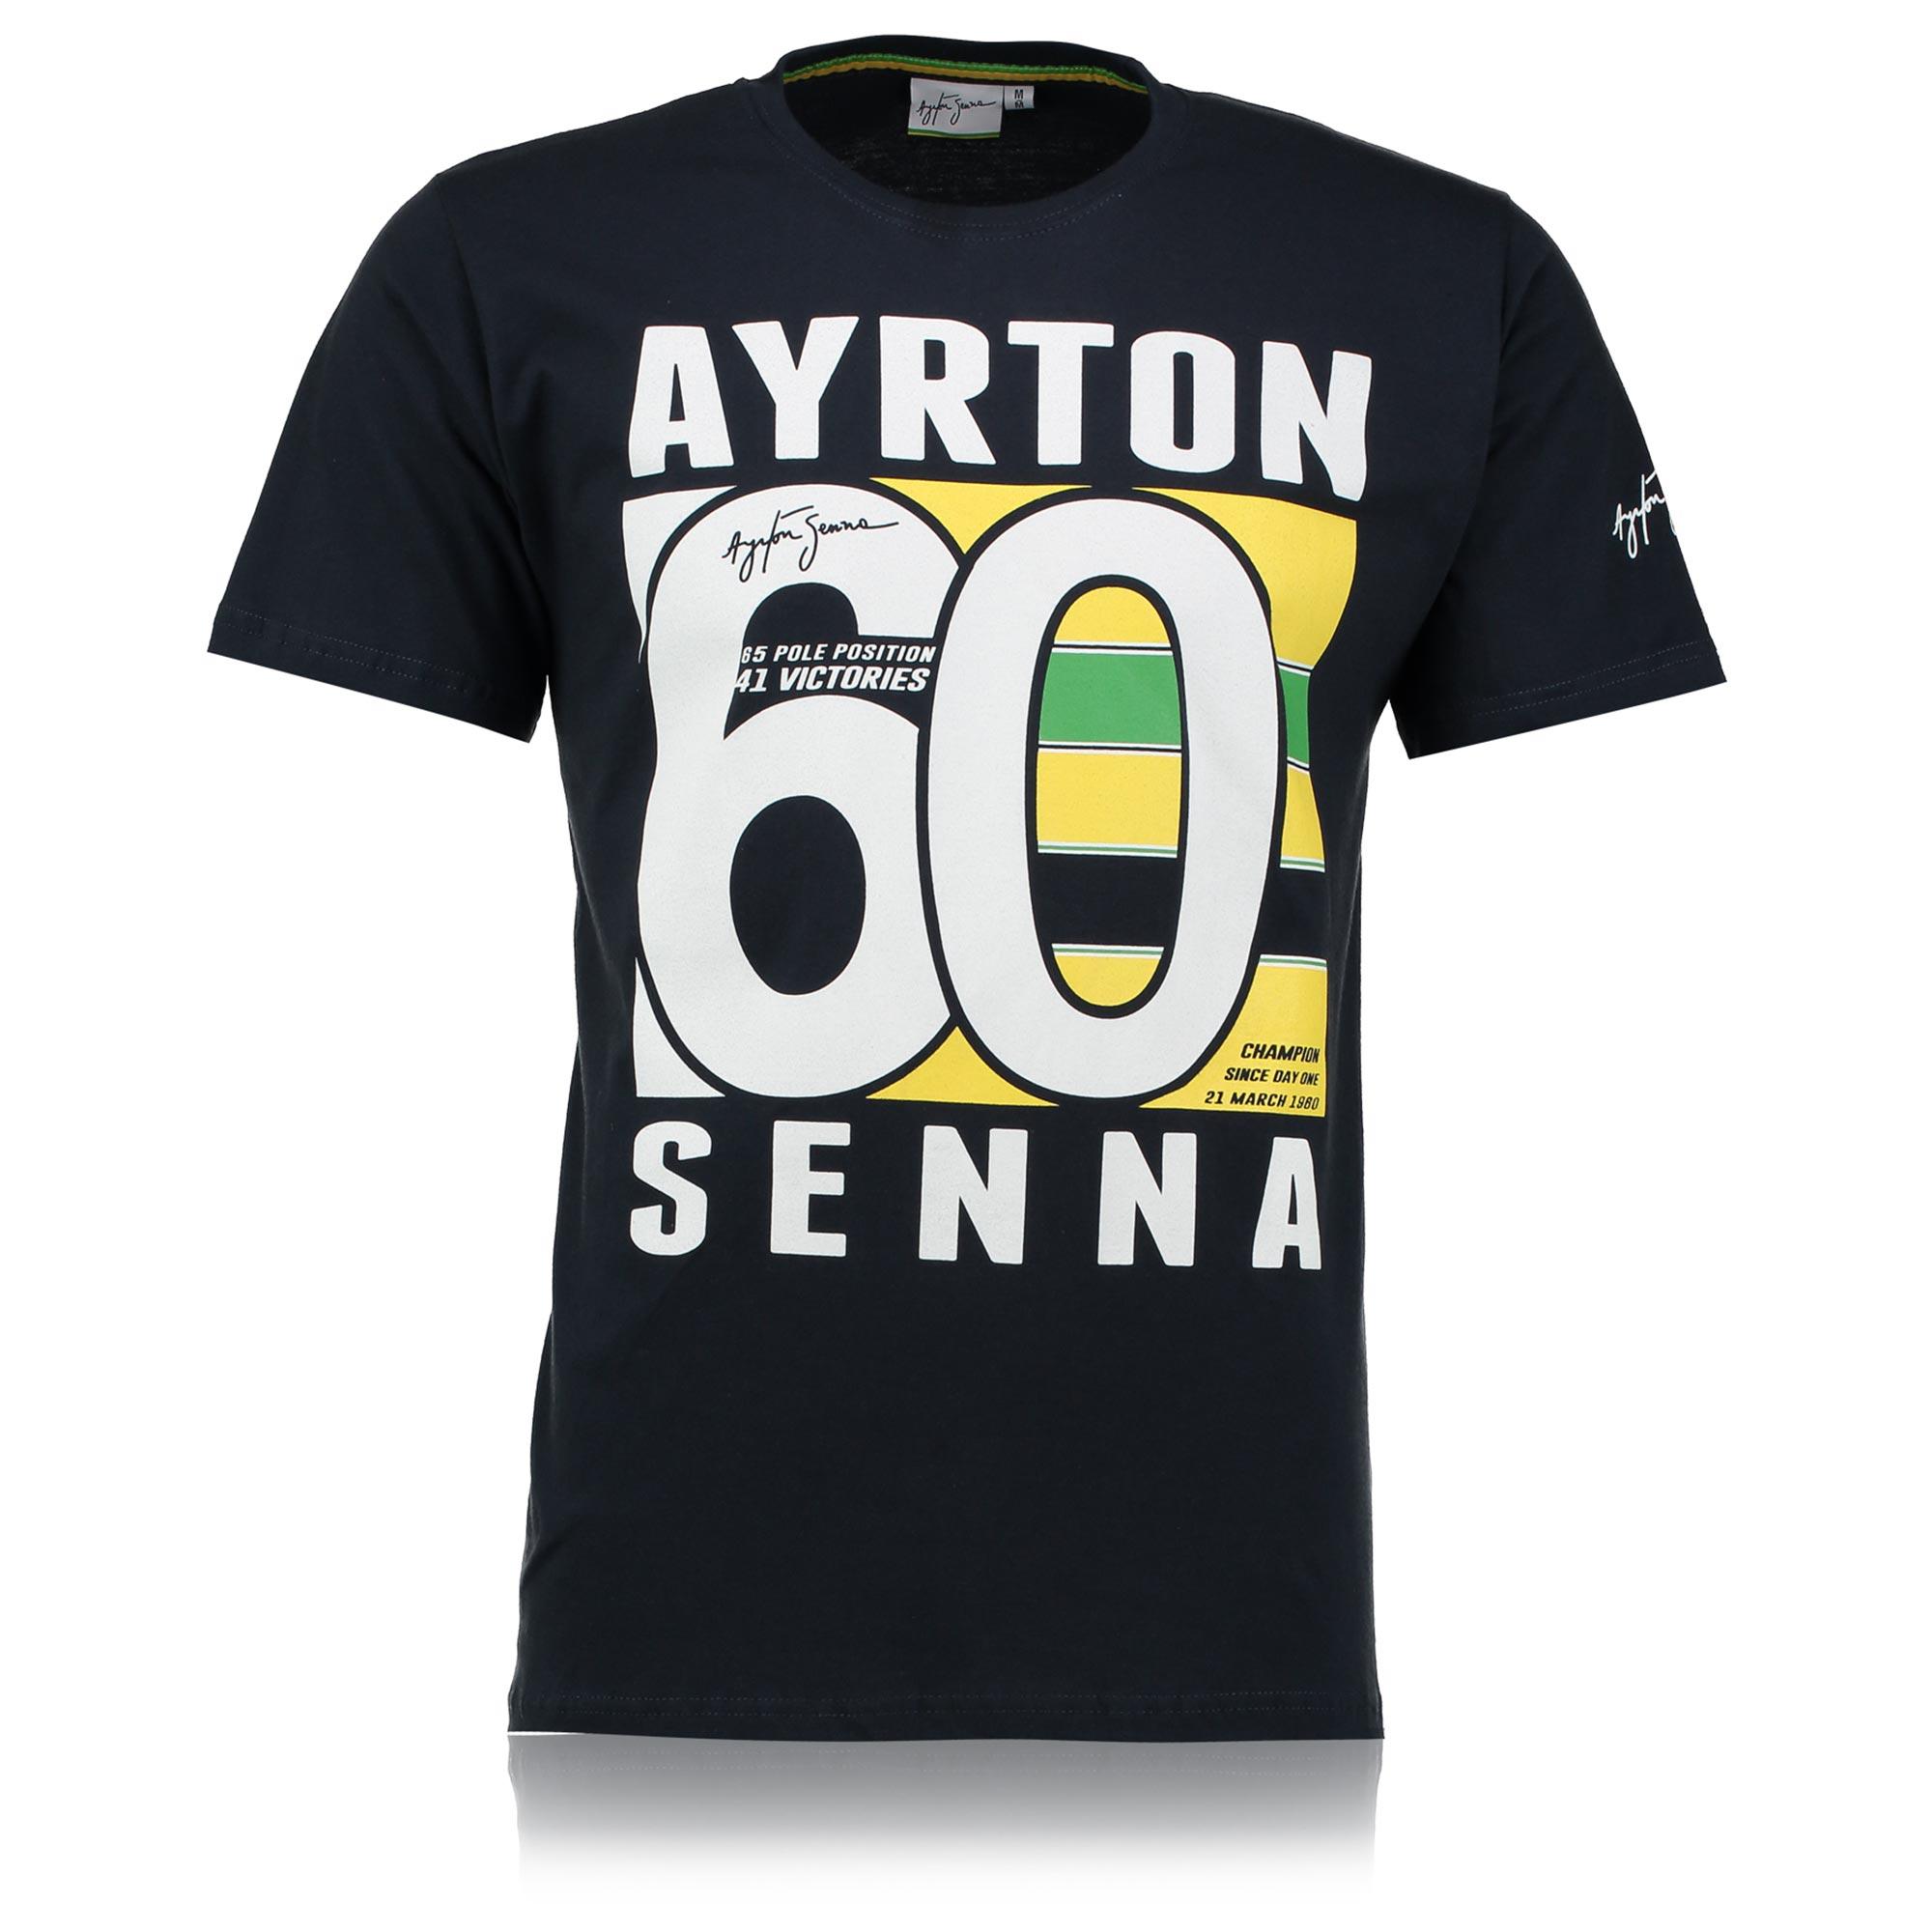 Image of Ayrton Senna Brasil 60 T-Shirt